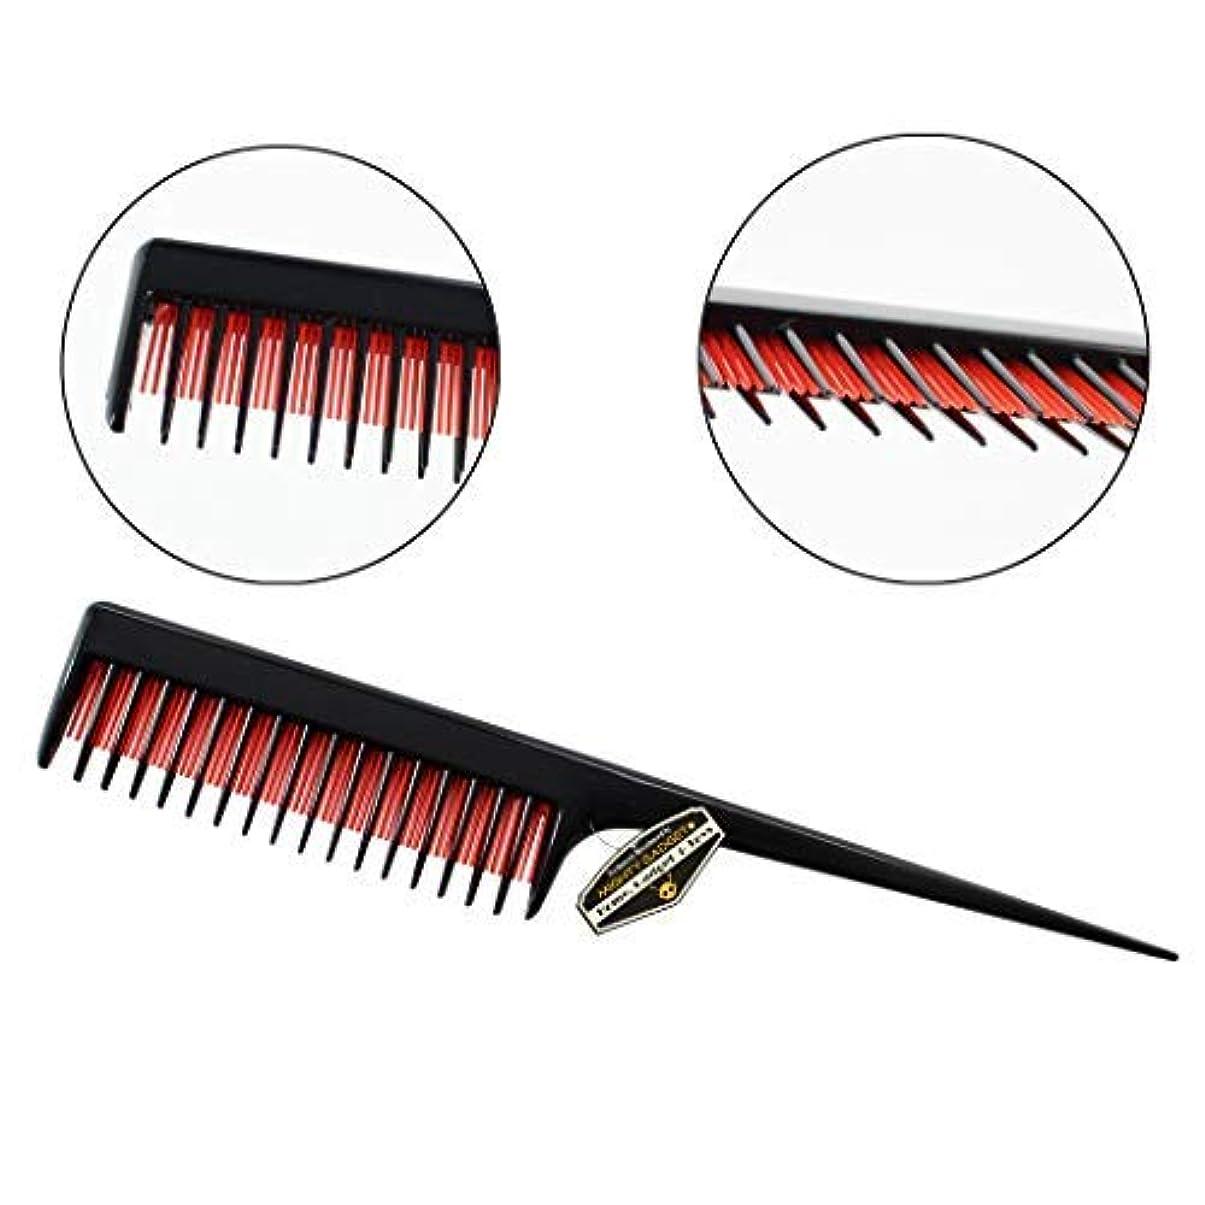 行方不明積分主流3 Pack of Mighty Gadget 8 inch Teasing Comb - Rat Tail Comb for Back Combing, Root Teasing, Adding Volume, Evening...